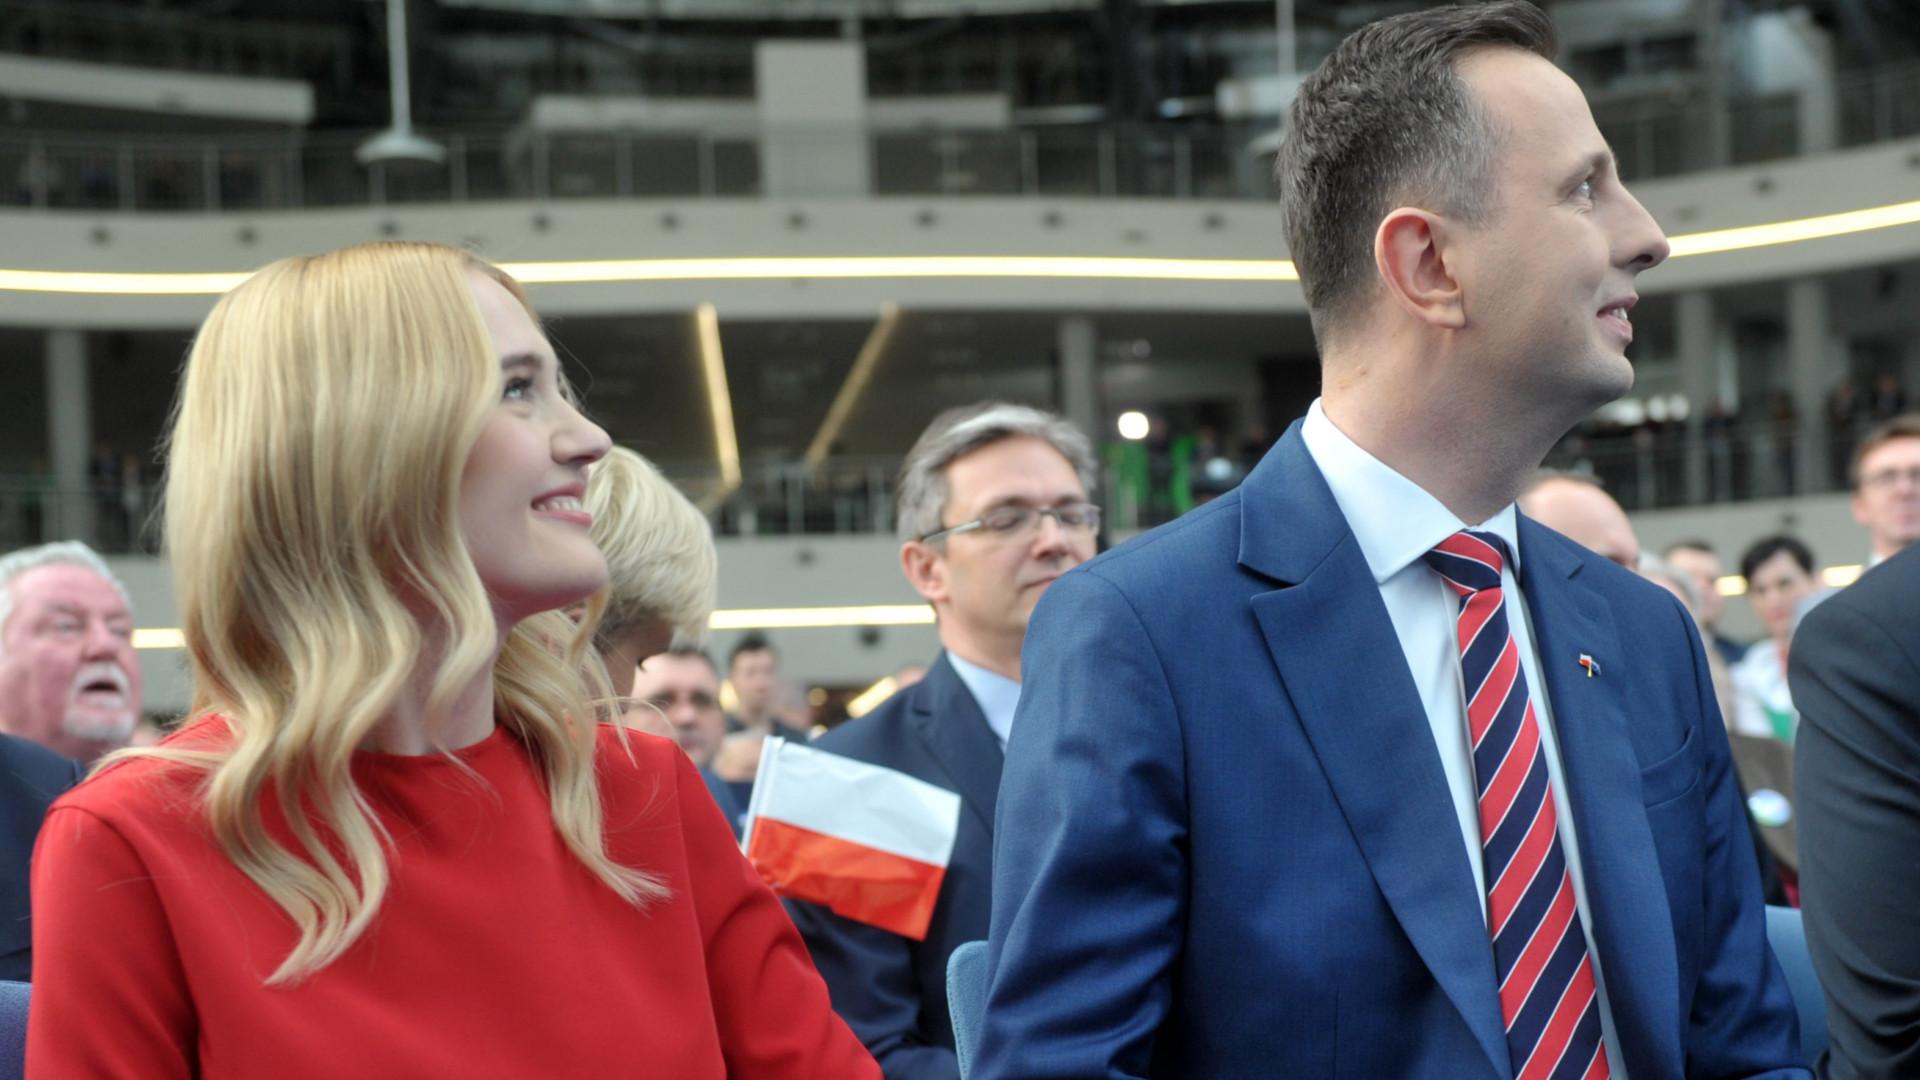 Paulina Kosiniak – Kamysz, żona kandydata na prezydenta. Agata Duda ma konkurencję! (ZDJĘCIA)